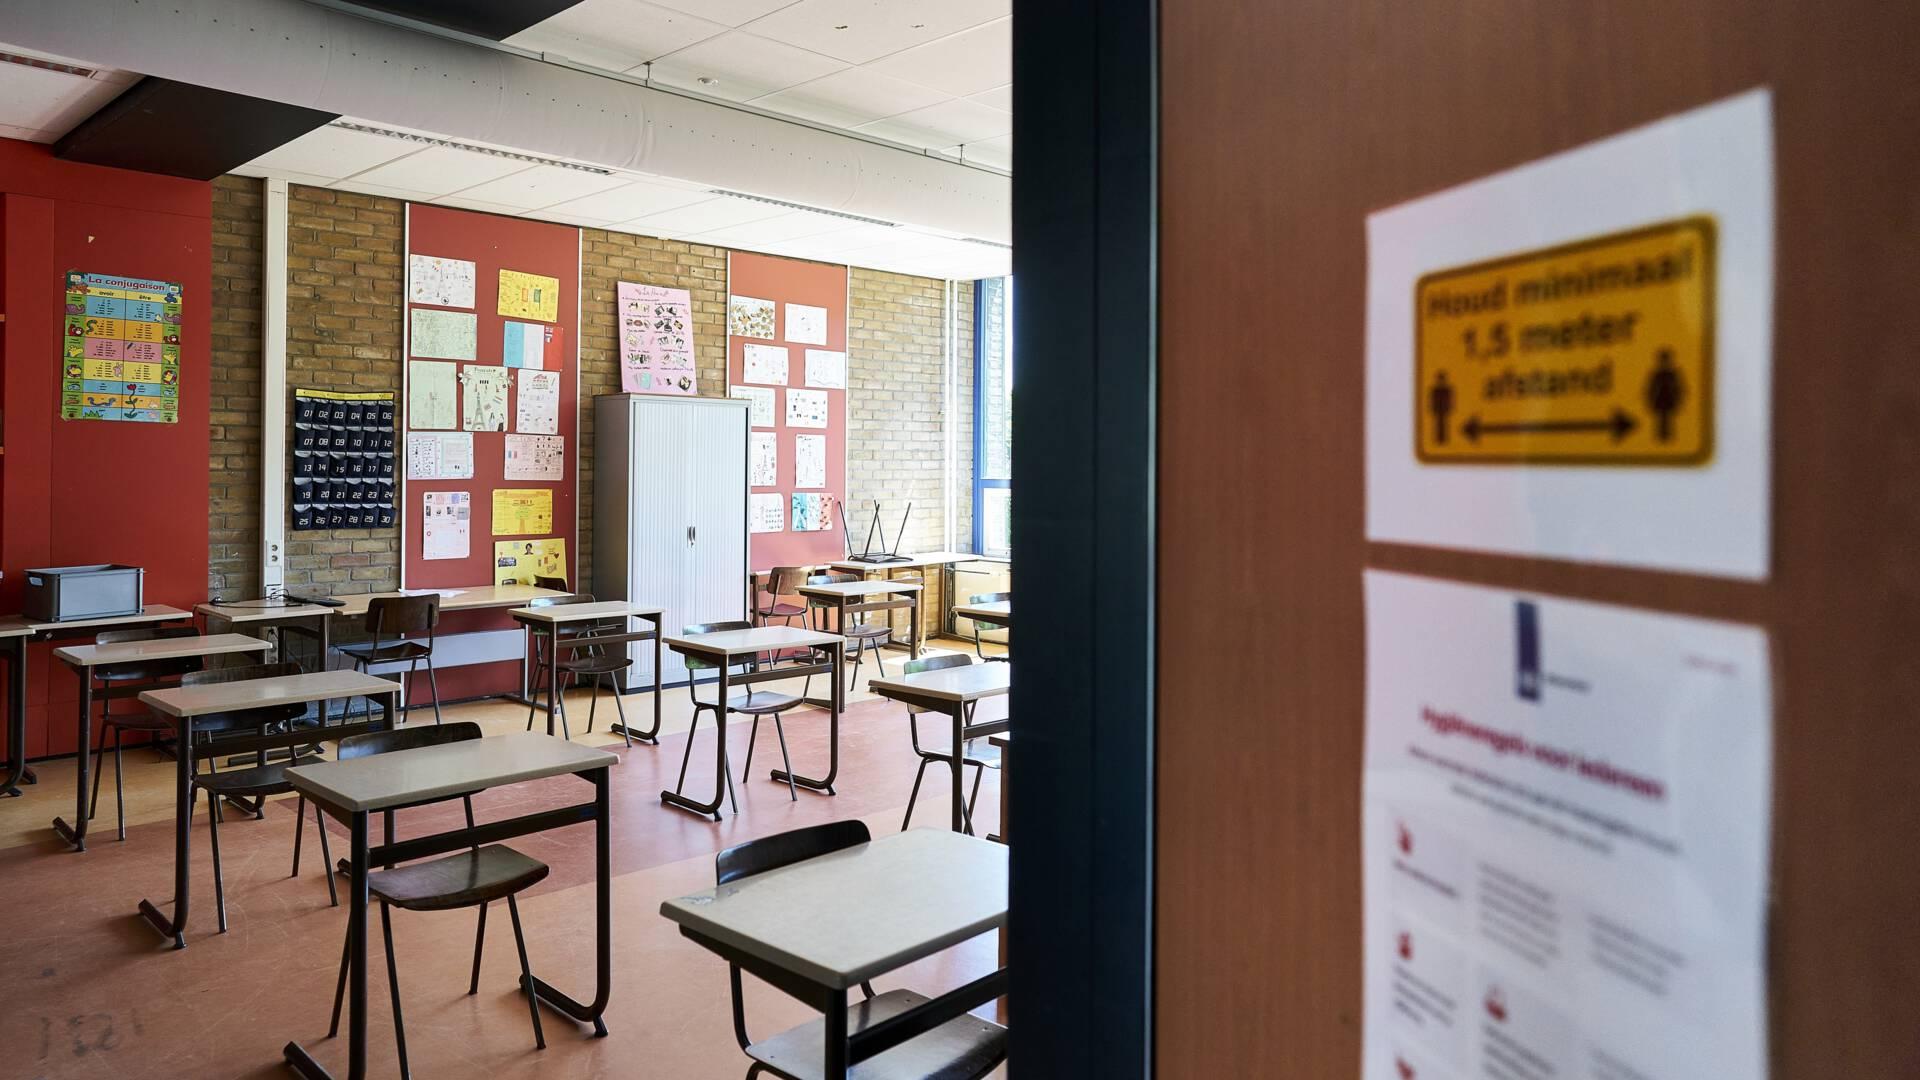 لا يُسمح دائماً للتلاميذ الذين يعانون من شكاوى كورونا بتعويض الامتحانات المدرسية الفائتة